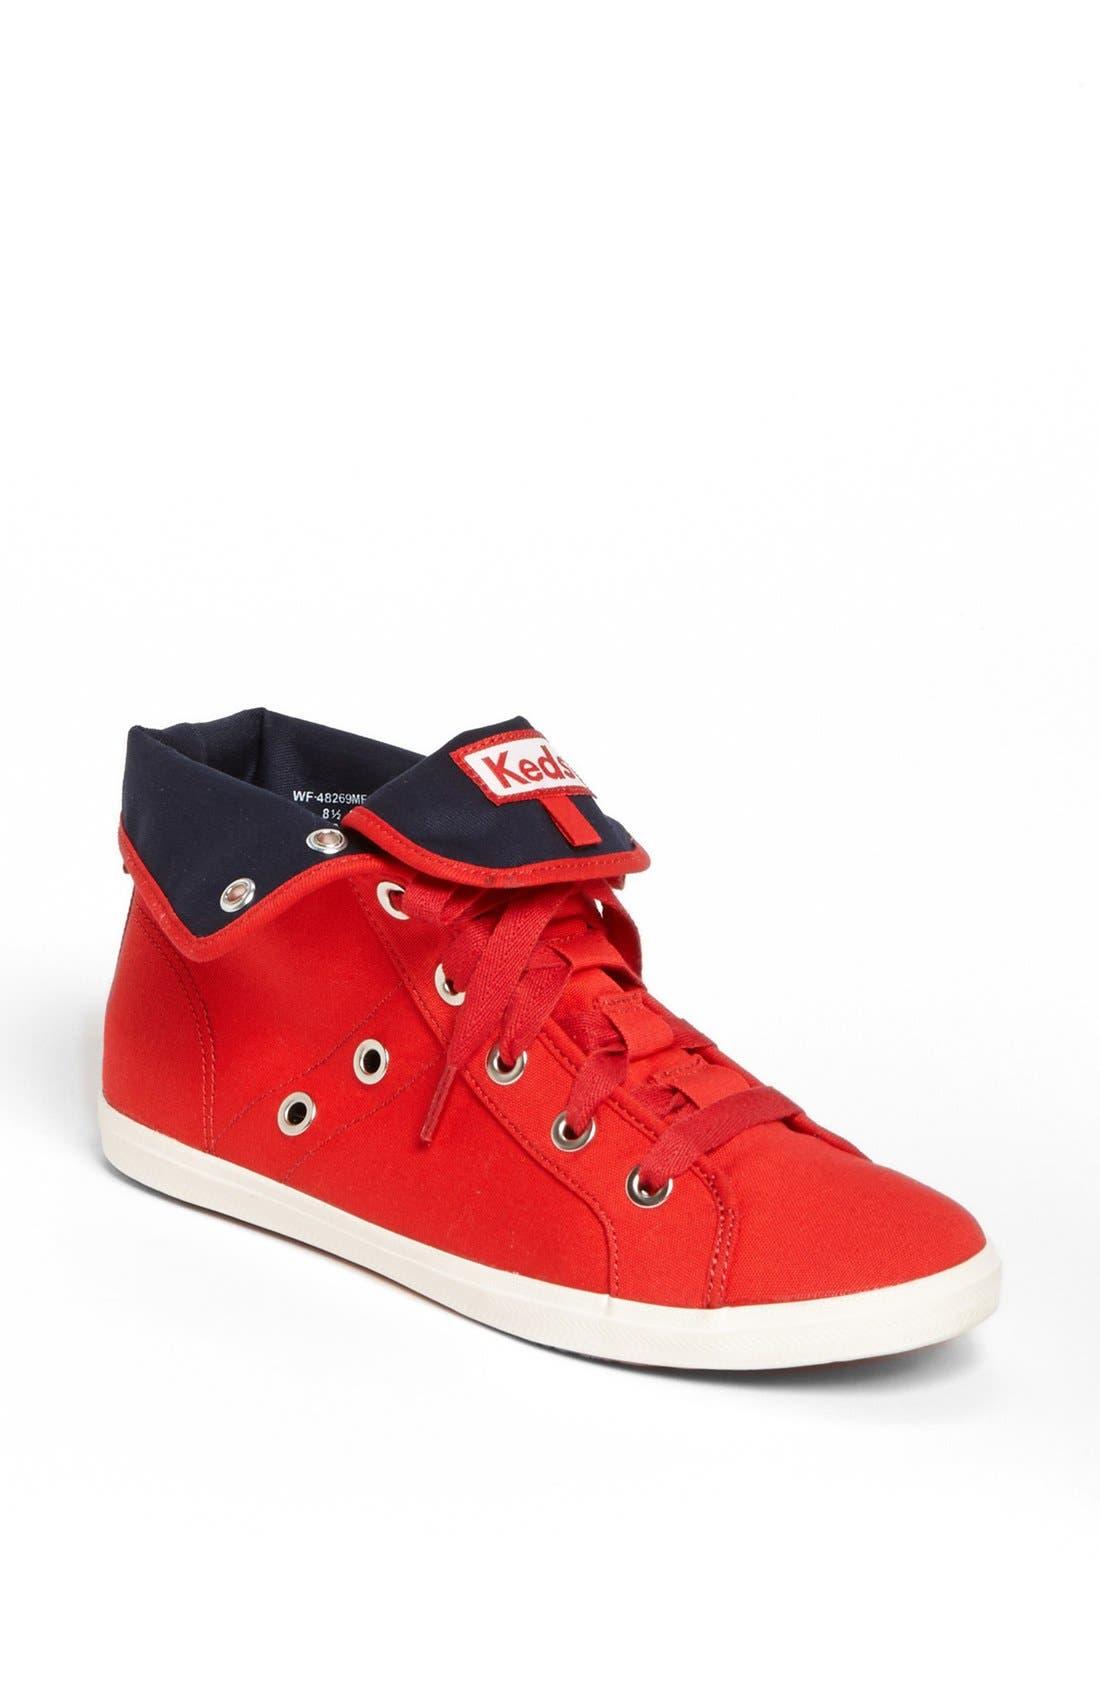 Alternate Image 1 Selected - Keds® 'Rookie - Loop-De-Loop' High Top Sneaker (Women)